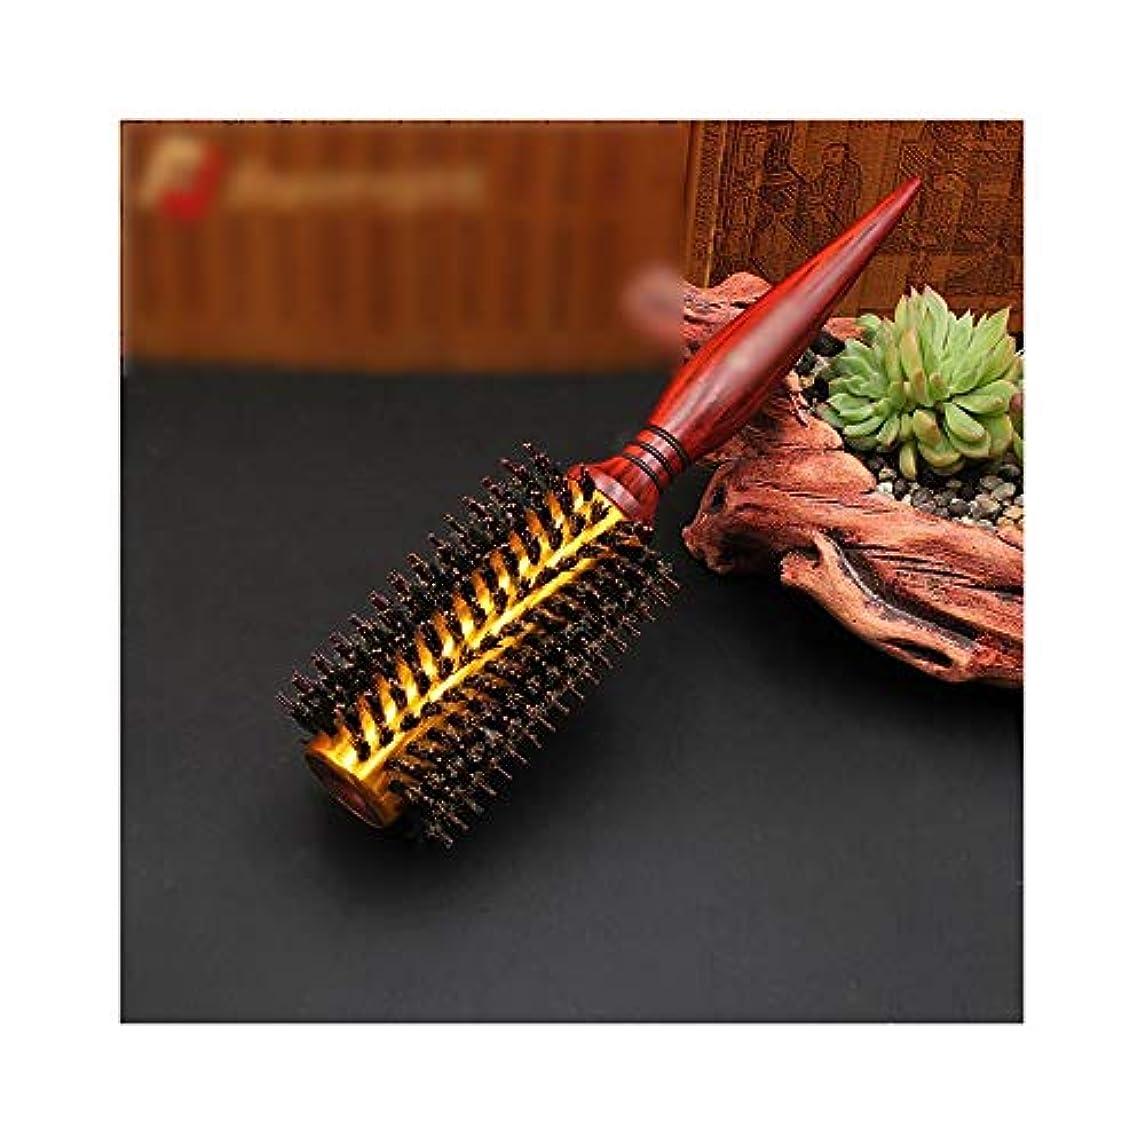 人タービン犬WASAIO ヘアブラシブリスルラウンドスタイリングヘアブラシ-すべてのヘアスタイル用のヘアブラシをロール (サイズ : 12 rows)